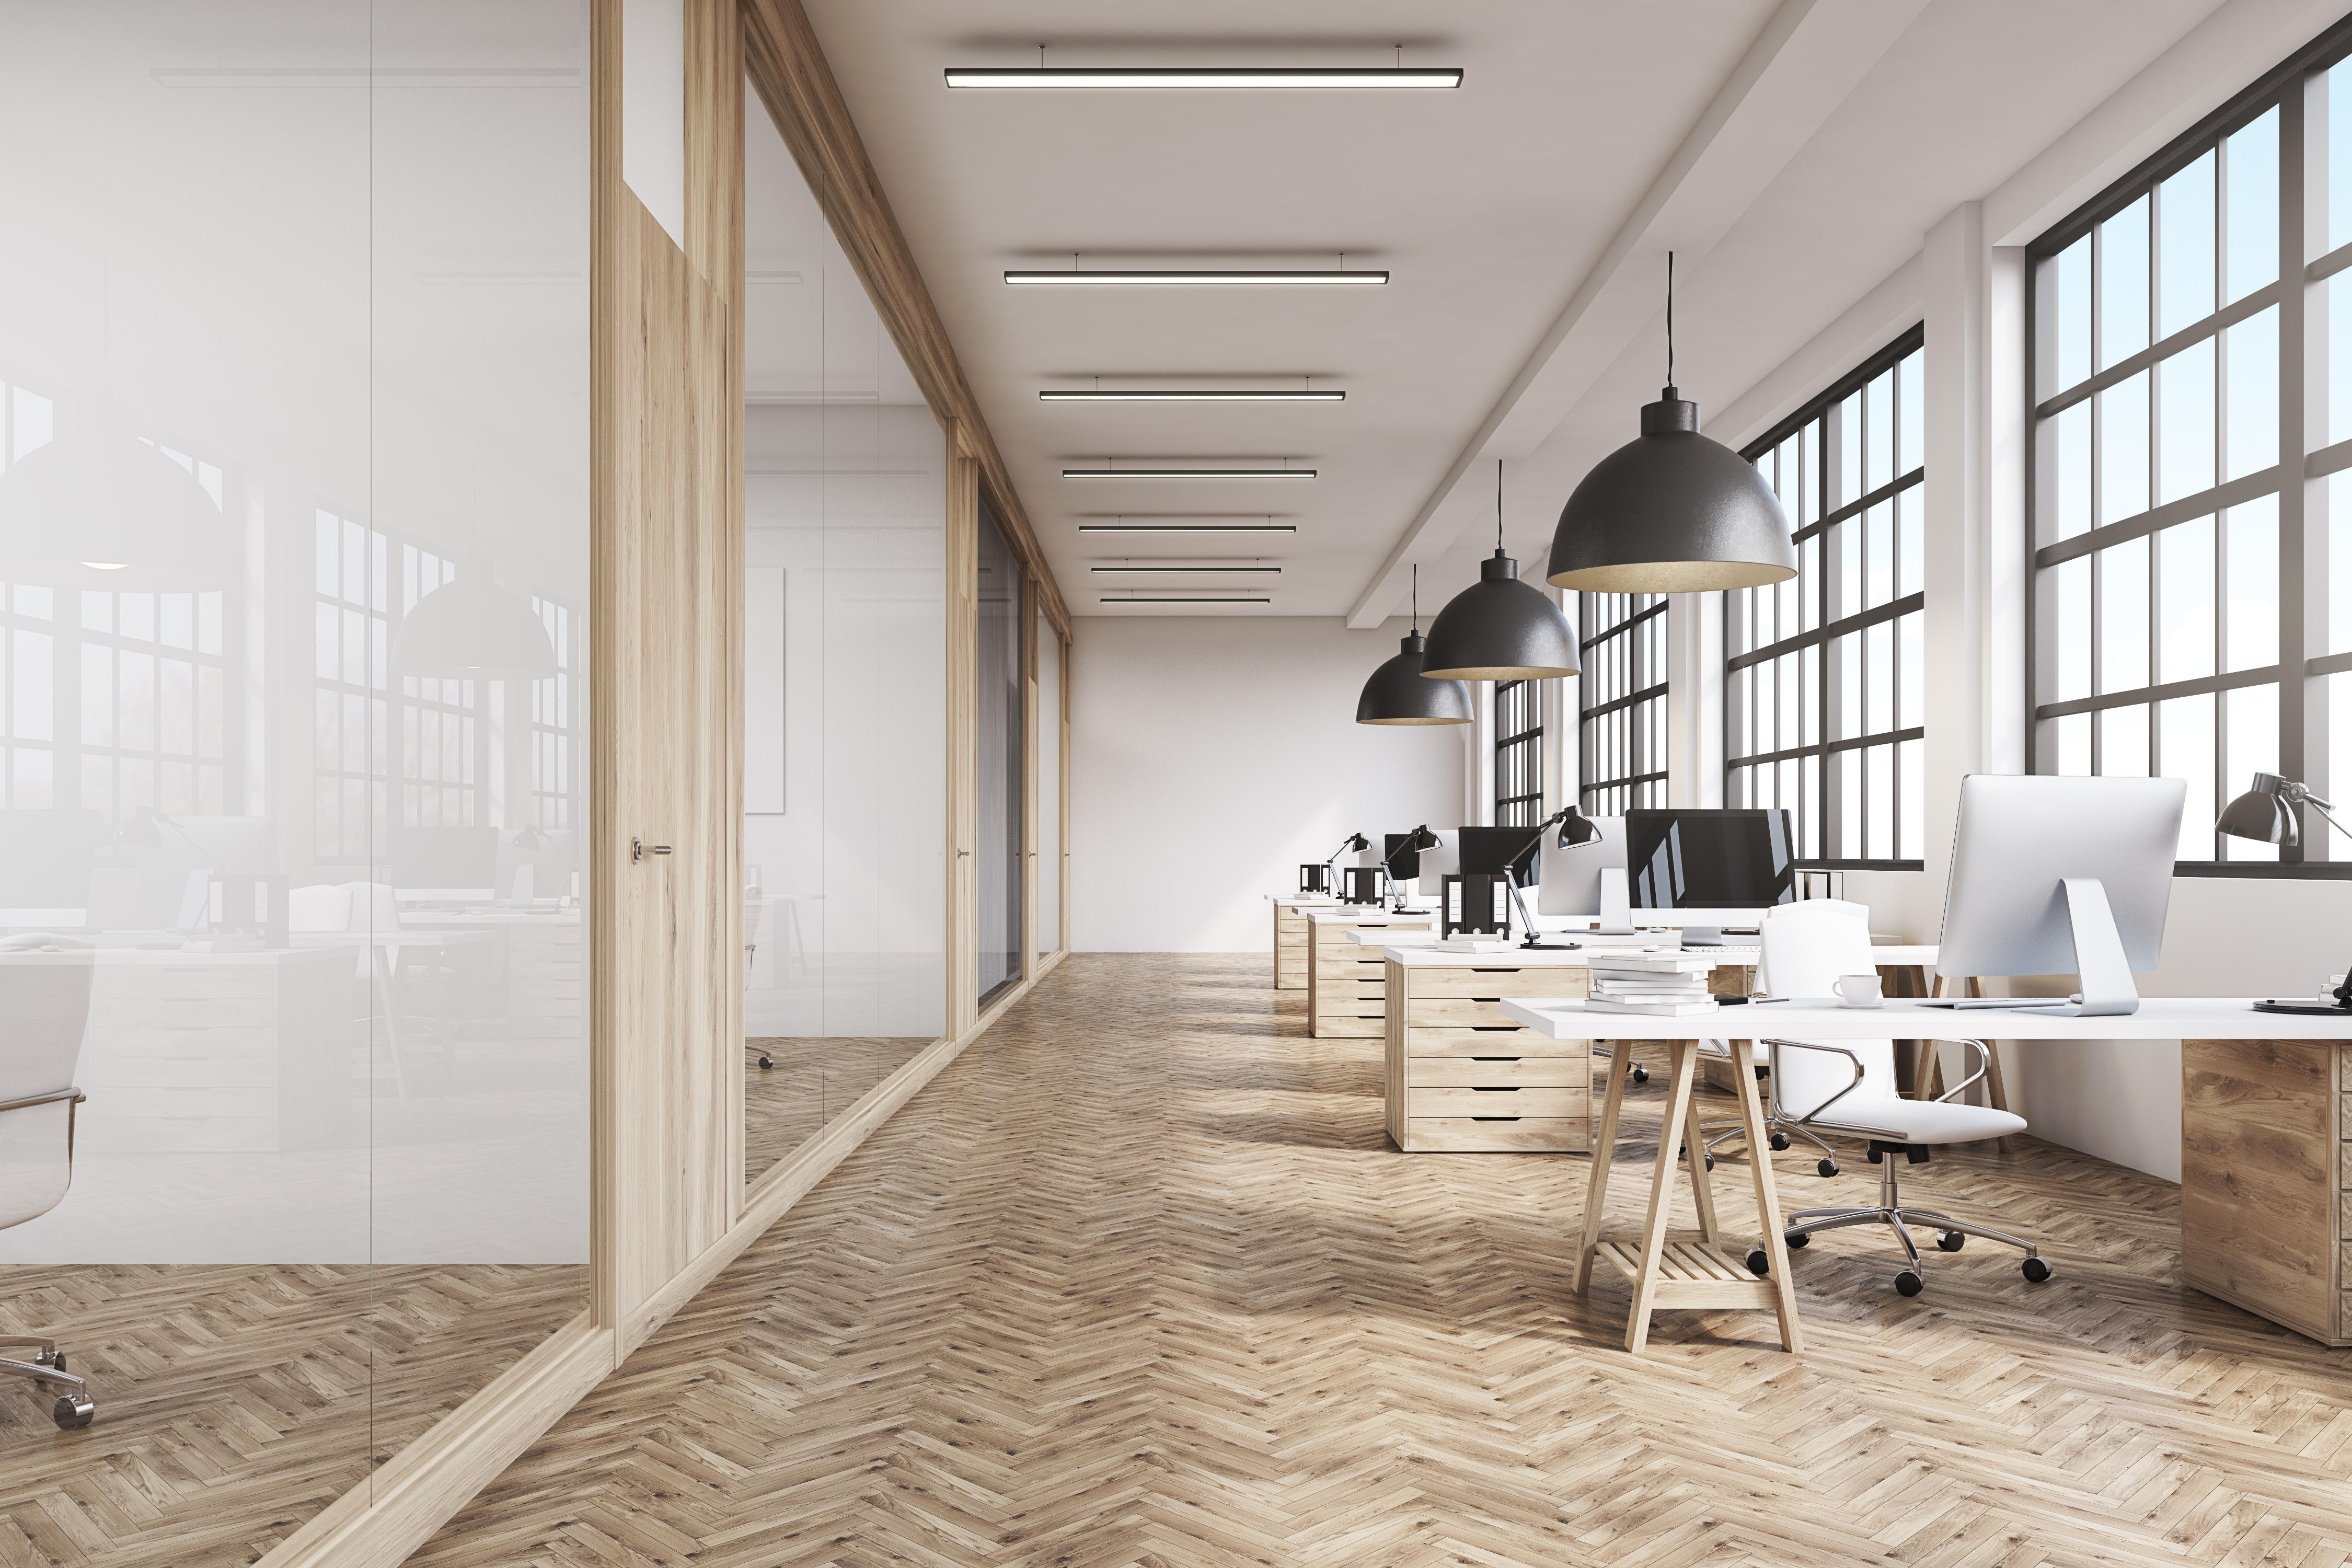 El 'boom' de las oficinas continúa en Madrid: segunda ciudad europea donde más crecerán las rentas hasta 2024